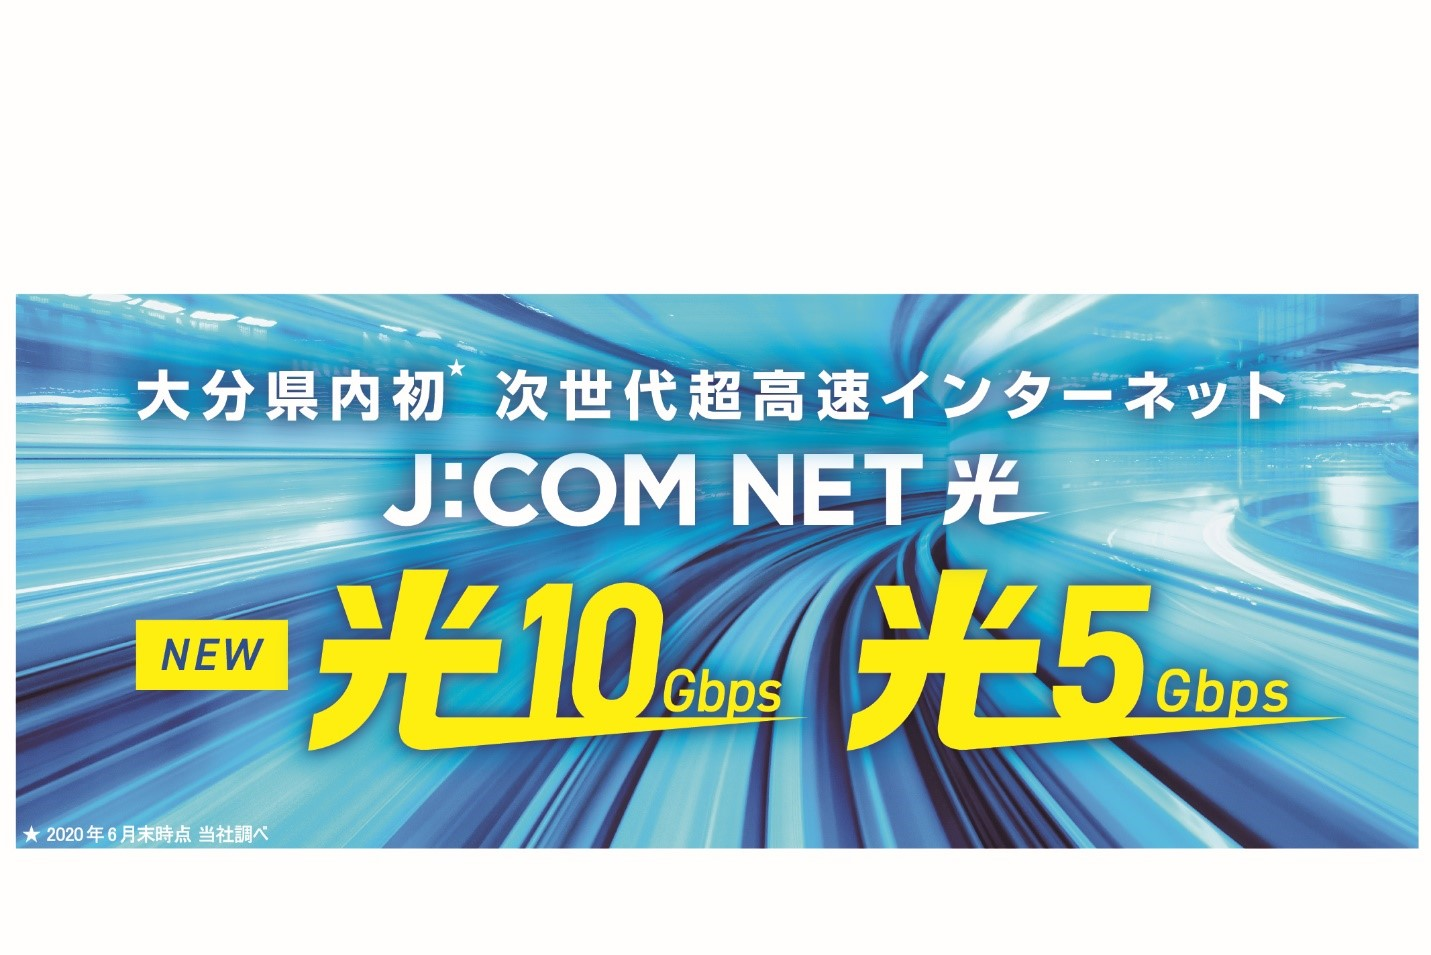 速度 jcom ネット